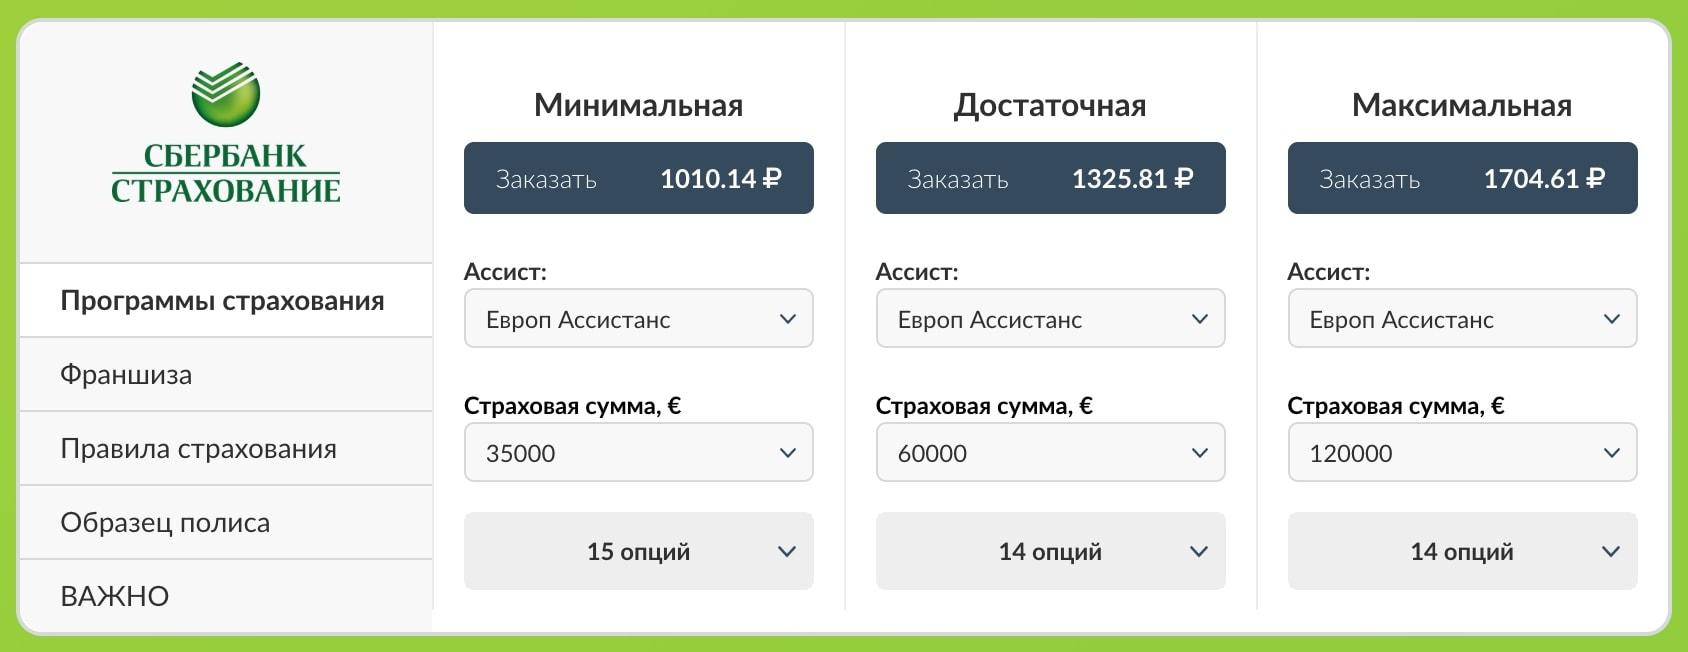 курская дуга на карте россии со спутника онлайн в реальном времени